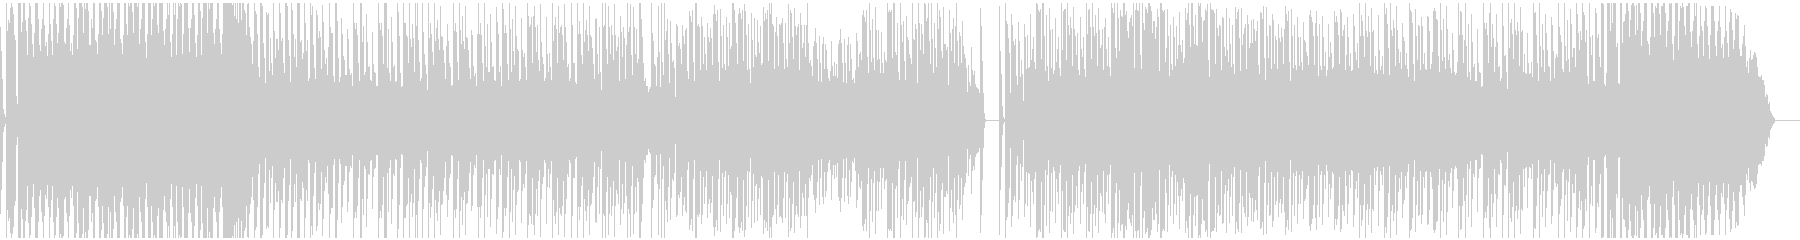 ロボテックなテクノサウンドEDMの未再生の波形